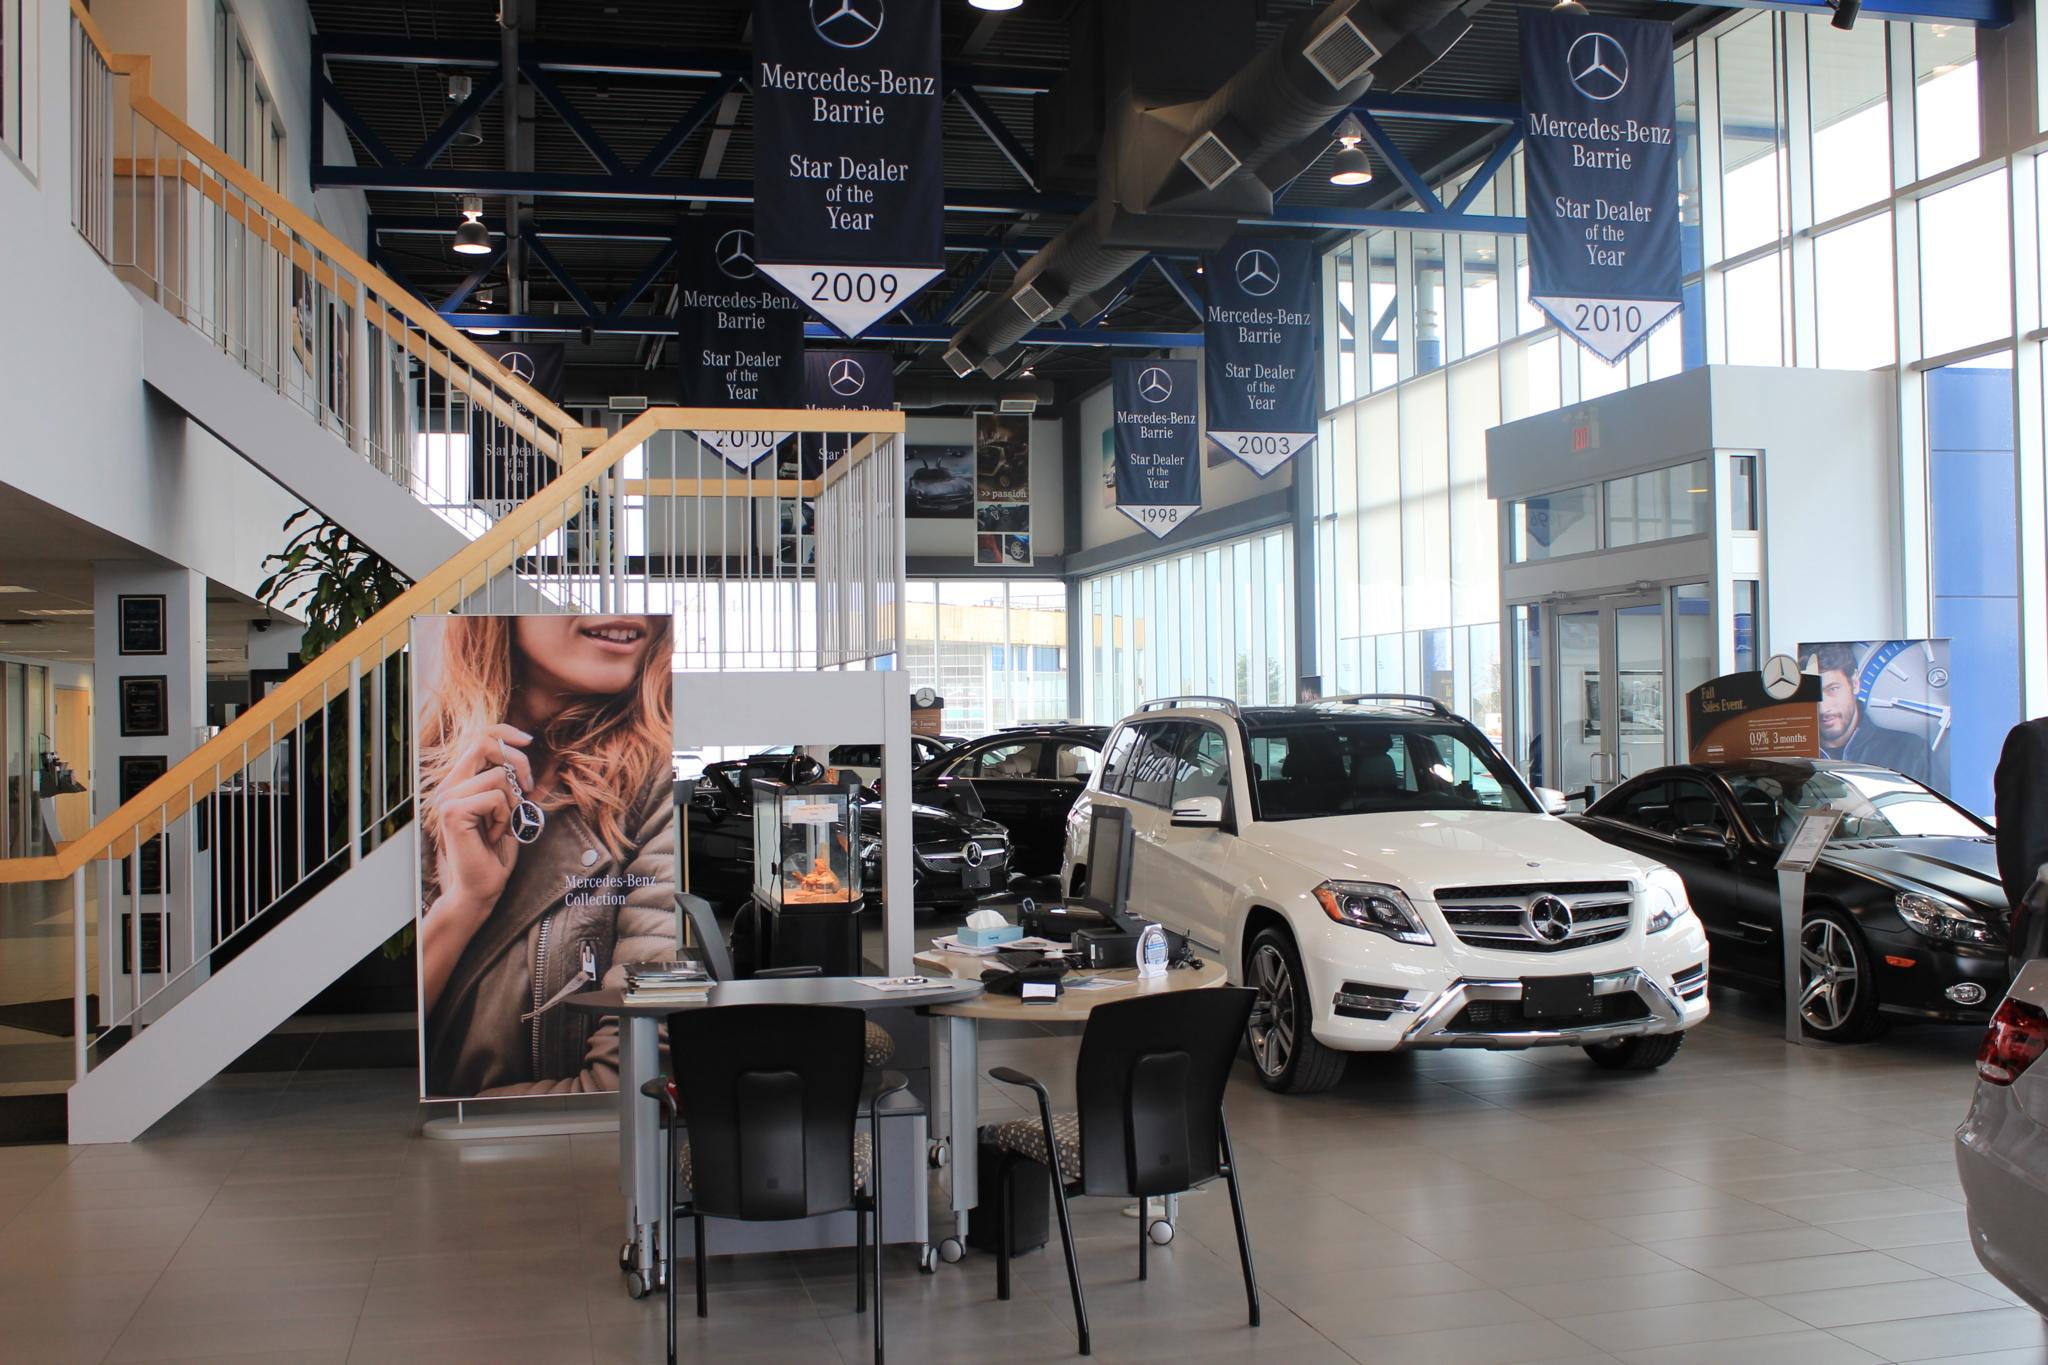 Mercedes-Benz Barrie